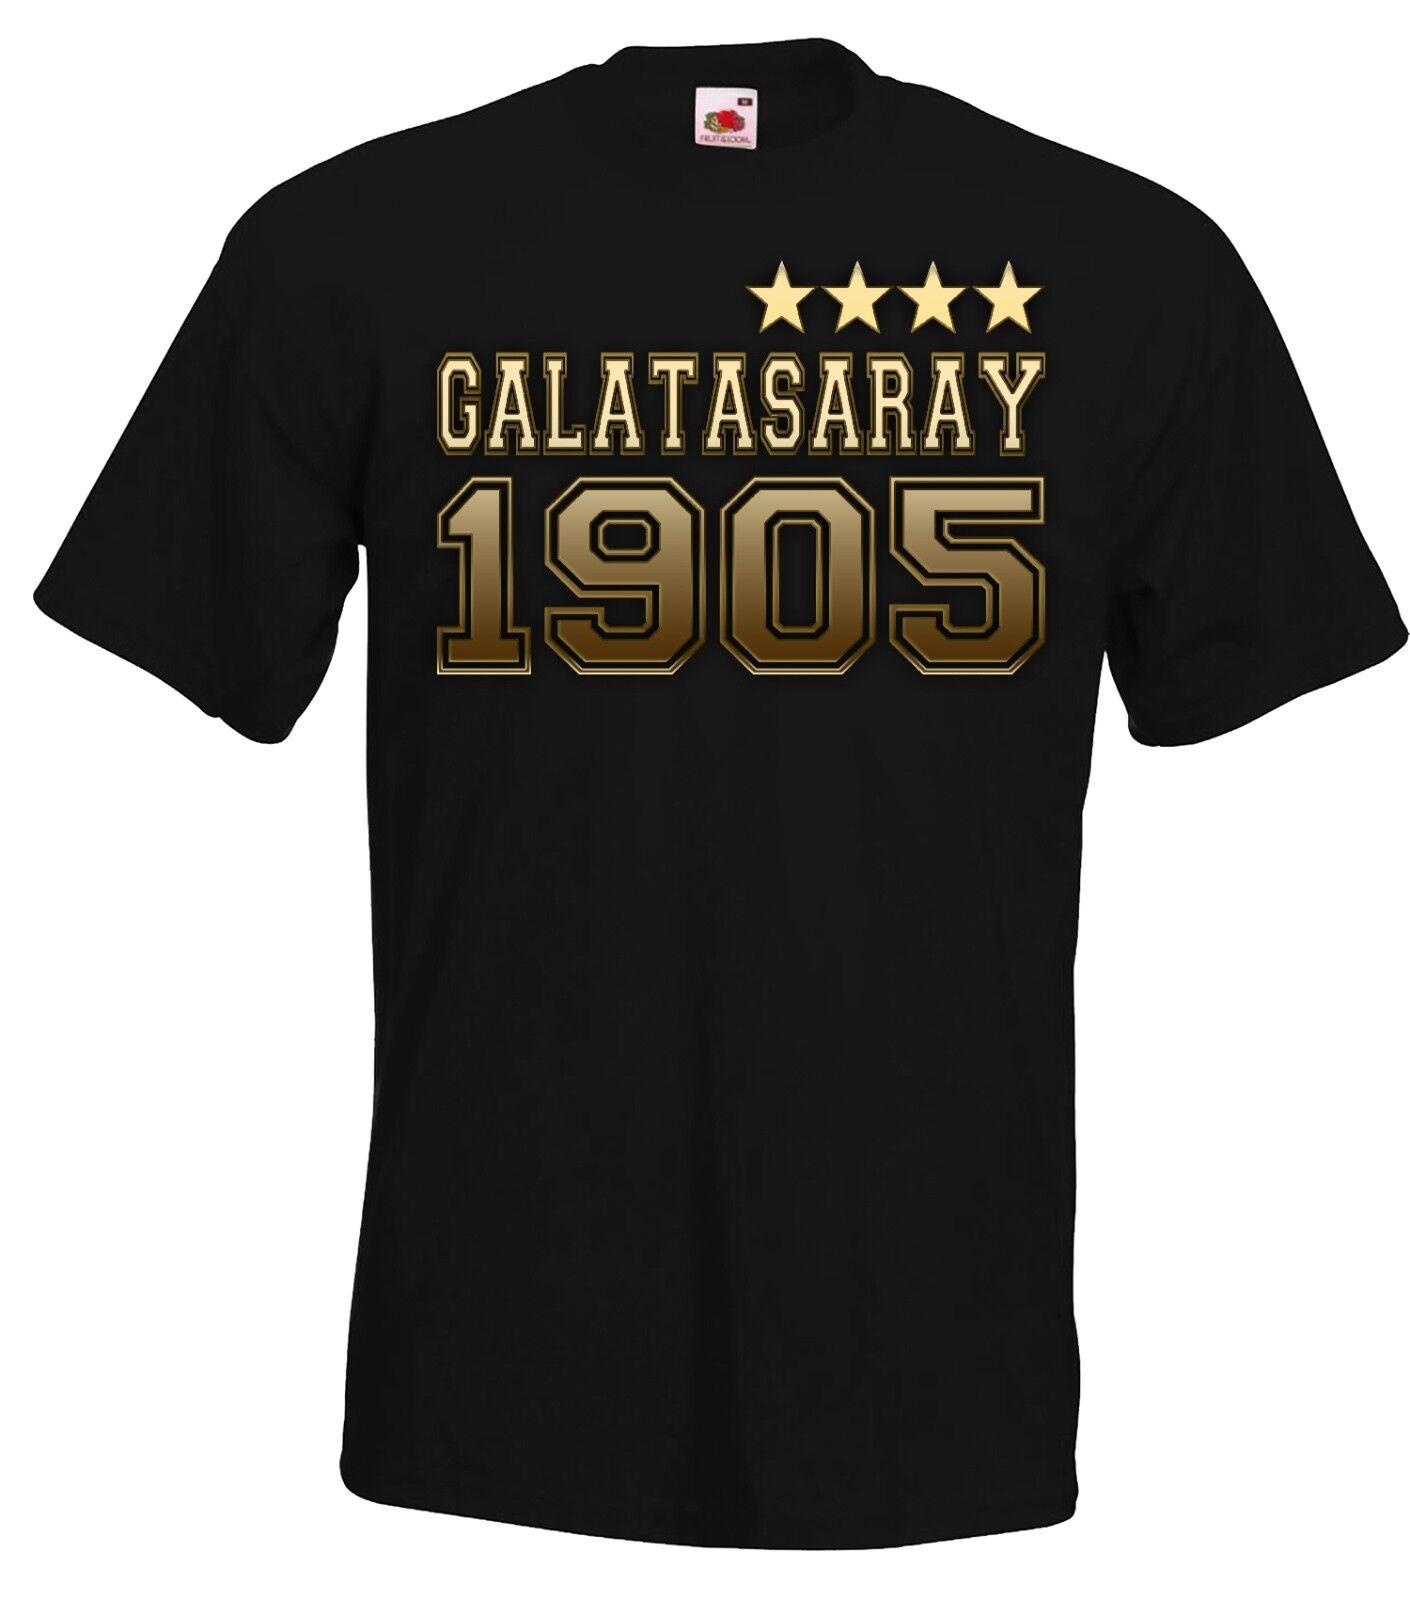 Herren GALATASARAY Istanbul T-Shirt Fanshirt, verschiedene Modelle Gr. S-5XL